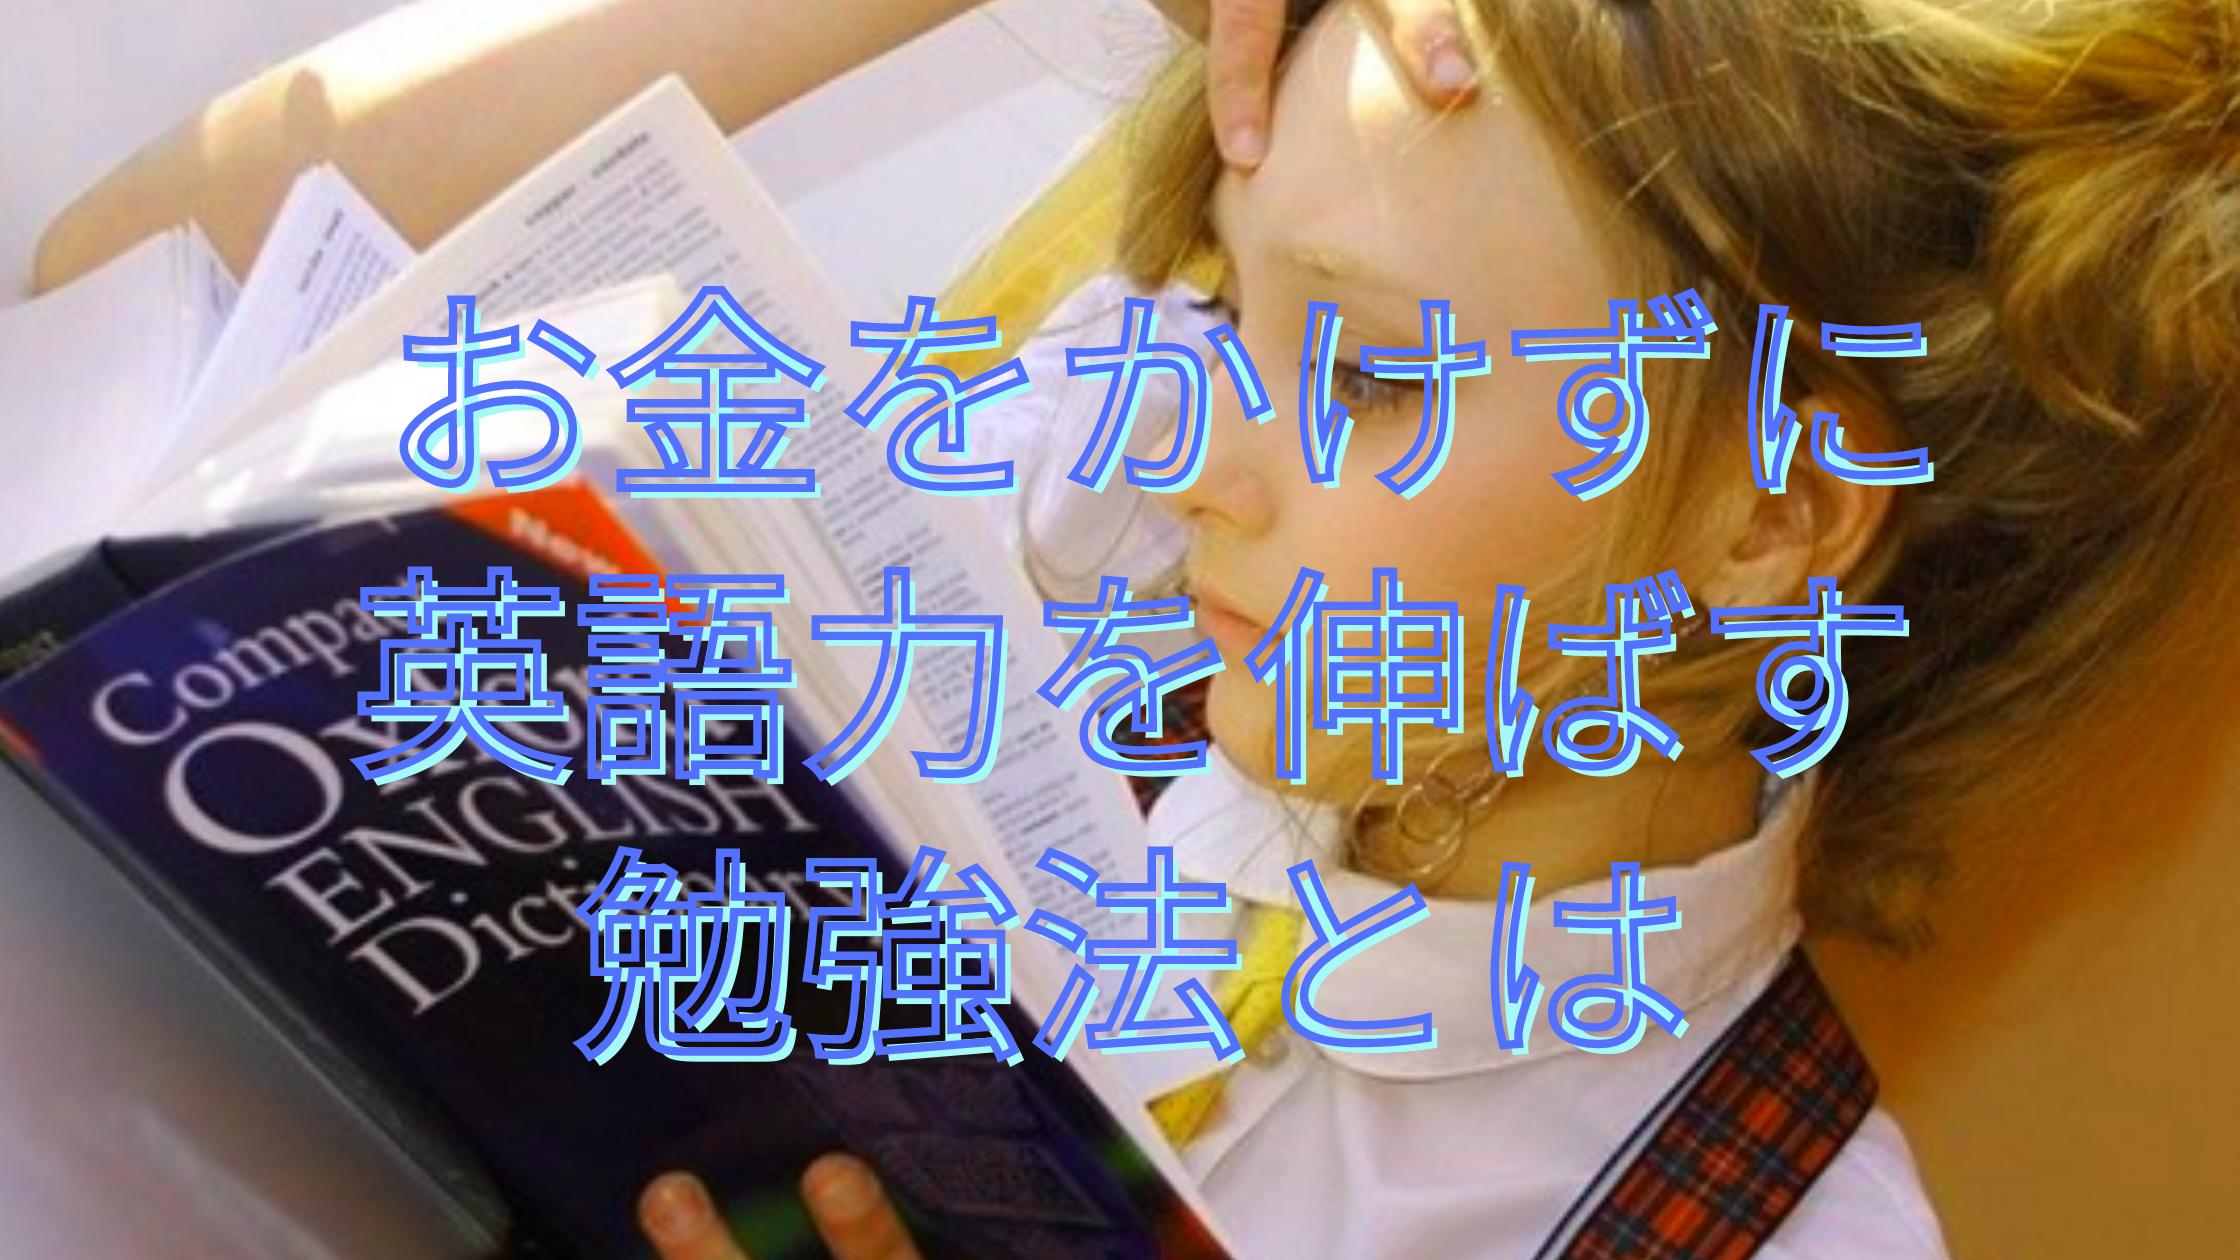 【お手軽】お金をかけずに英語力を伸ばす勉強法とは